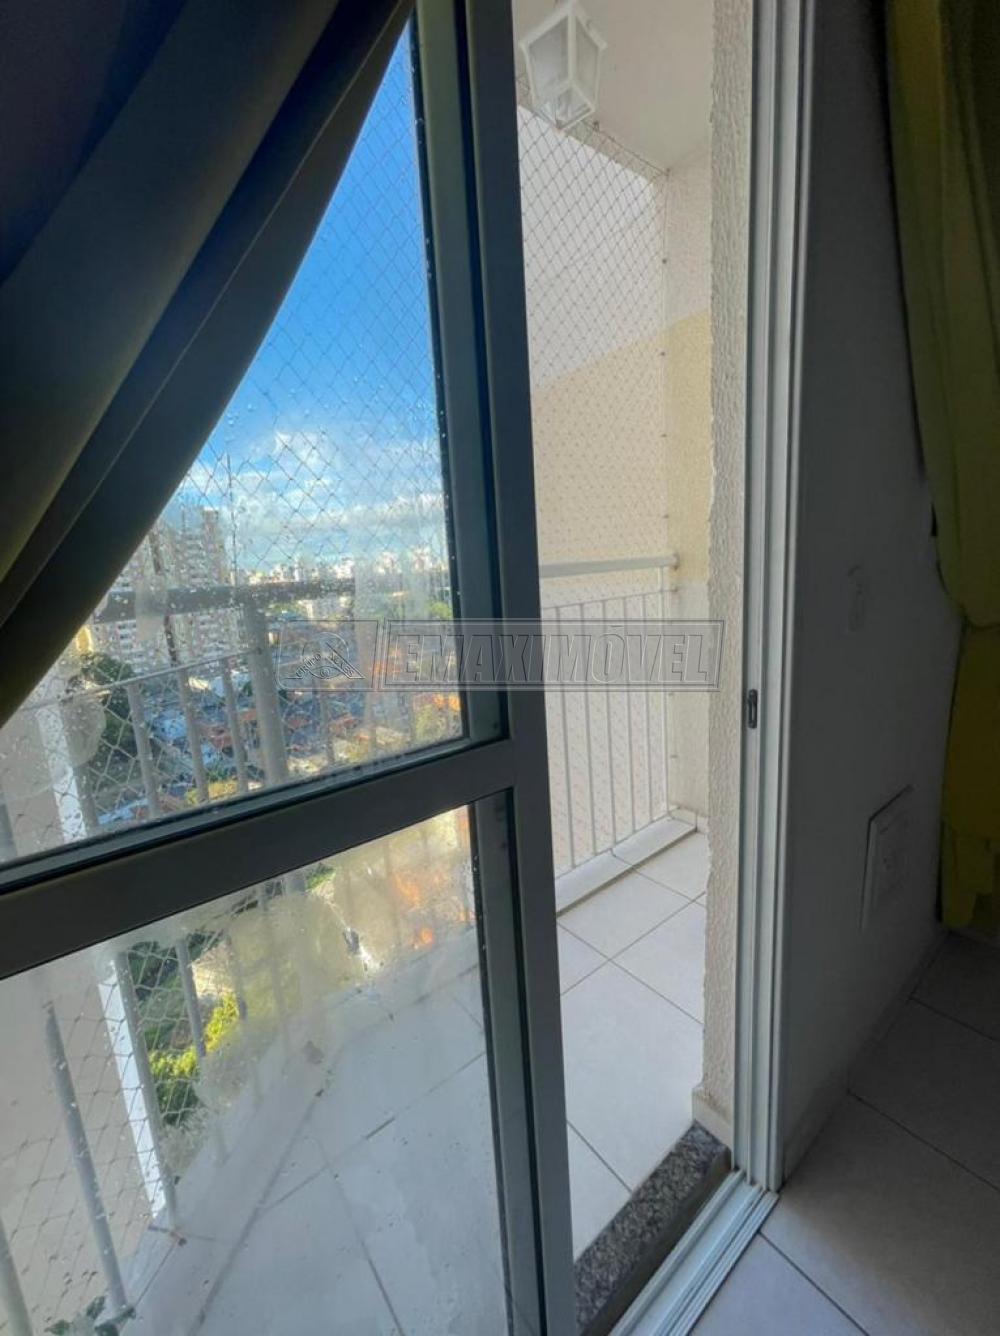 Comprar Apartamento / Padrão em Sorocaba R$ 240.000,00 - Foto 2